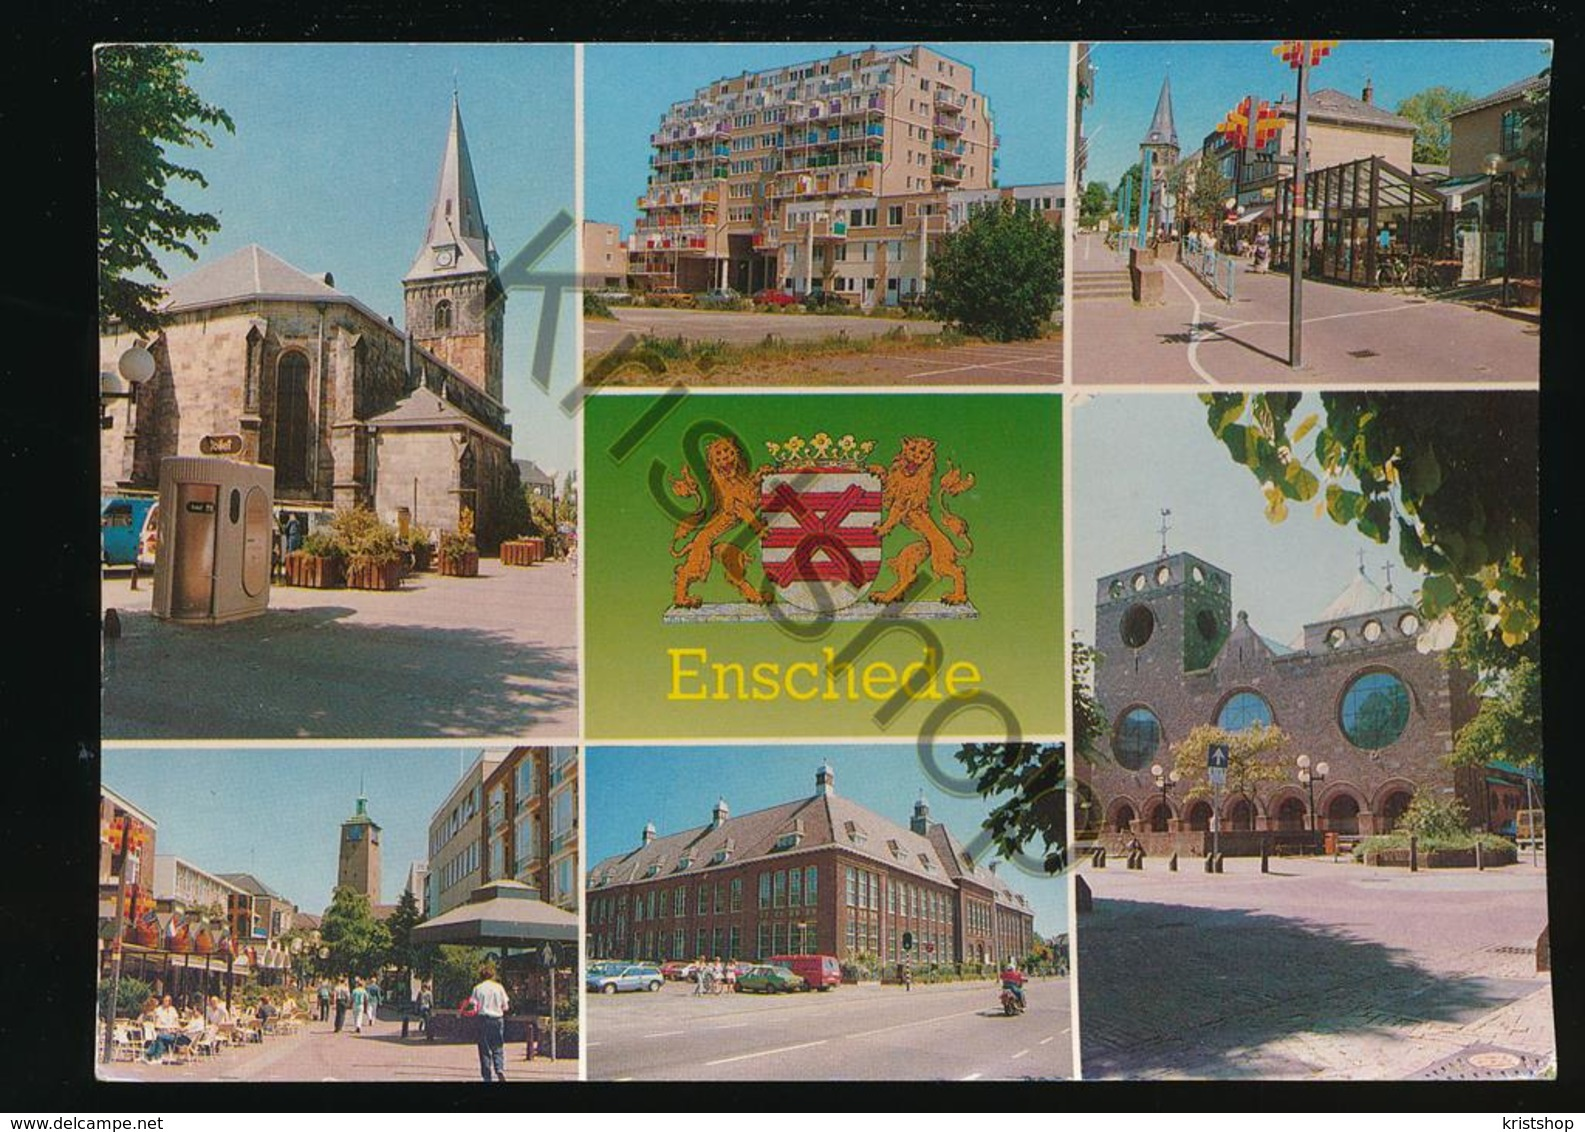 Enschede [AA42-4.589 - Nederland